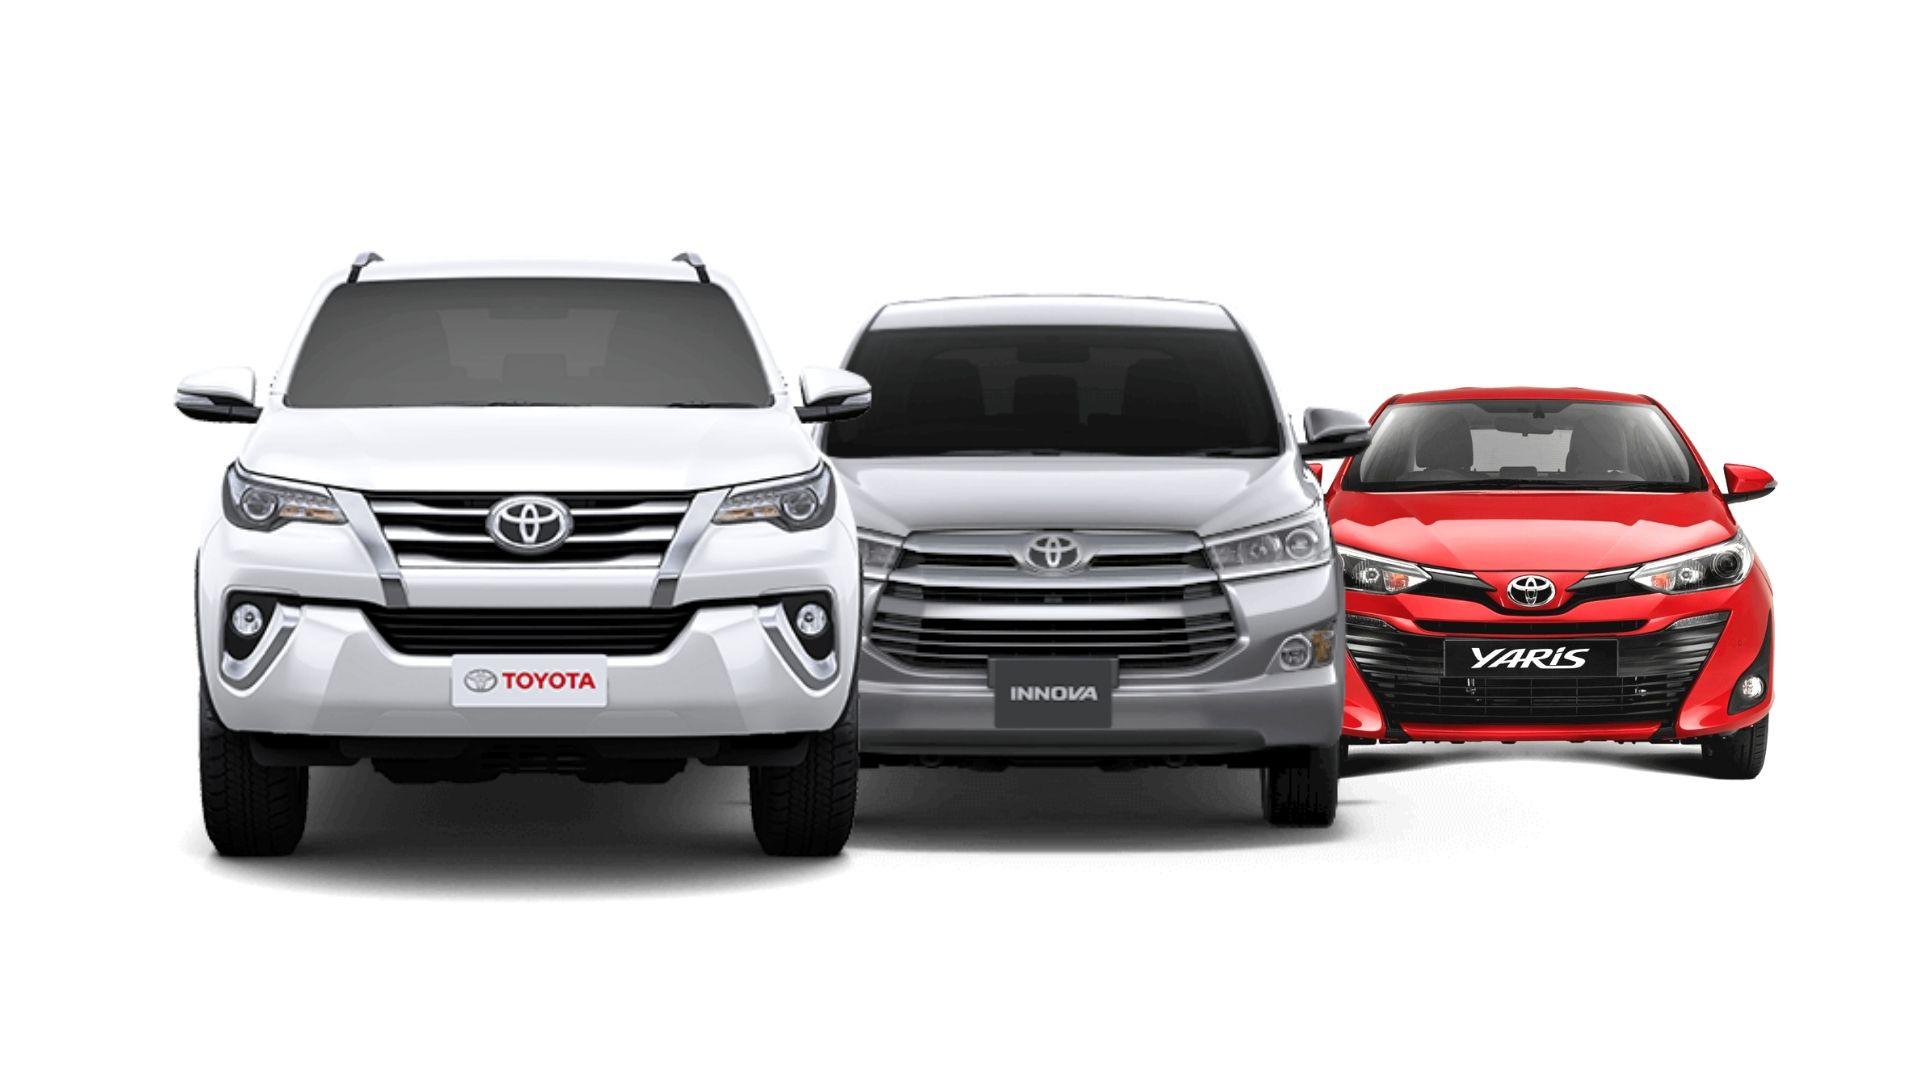 Toyota October 2020 Discounts – Glanza, Yaris, Innova Crysta - GaadiWaadi.com